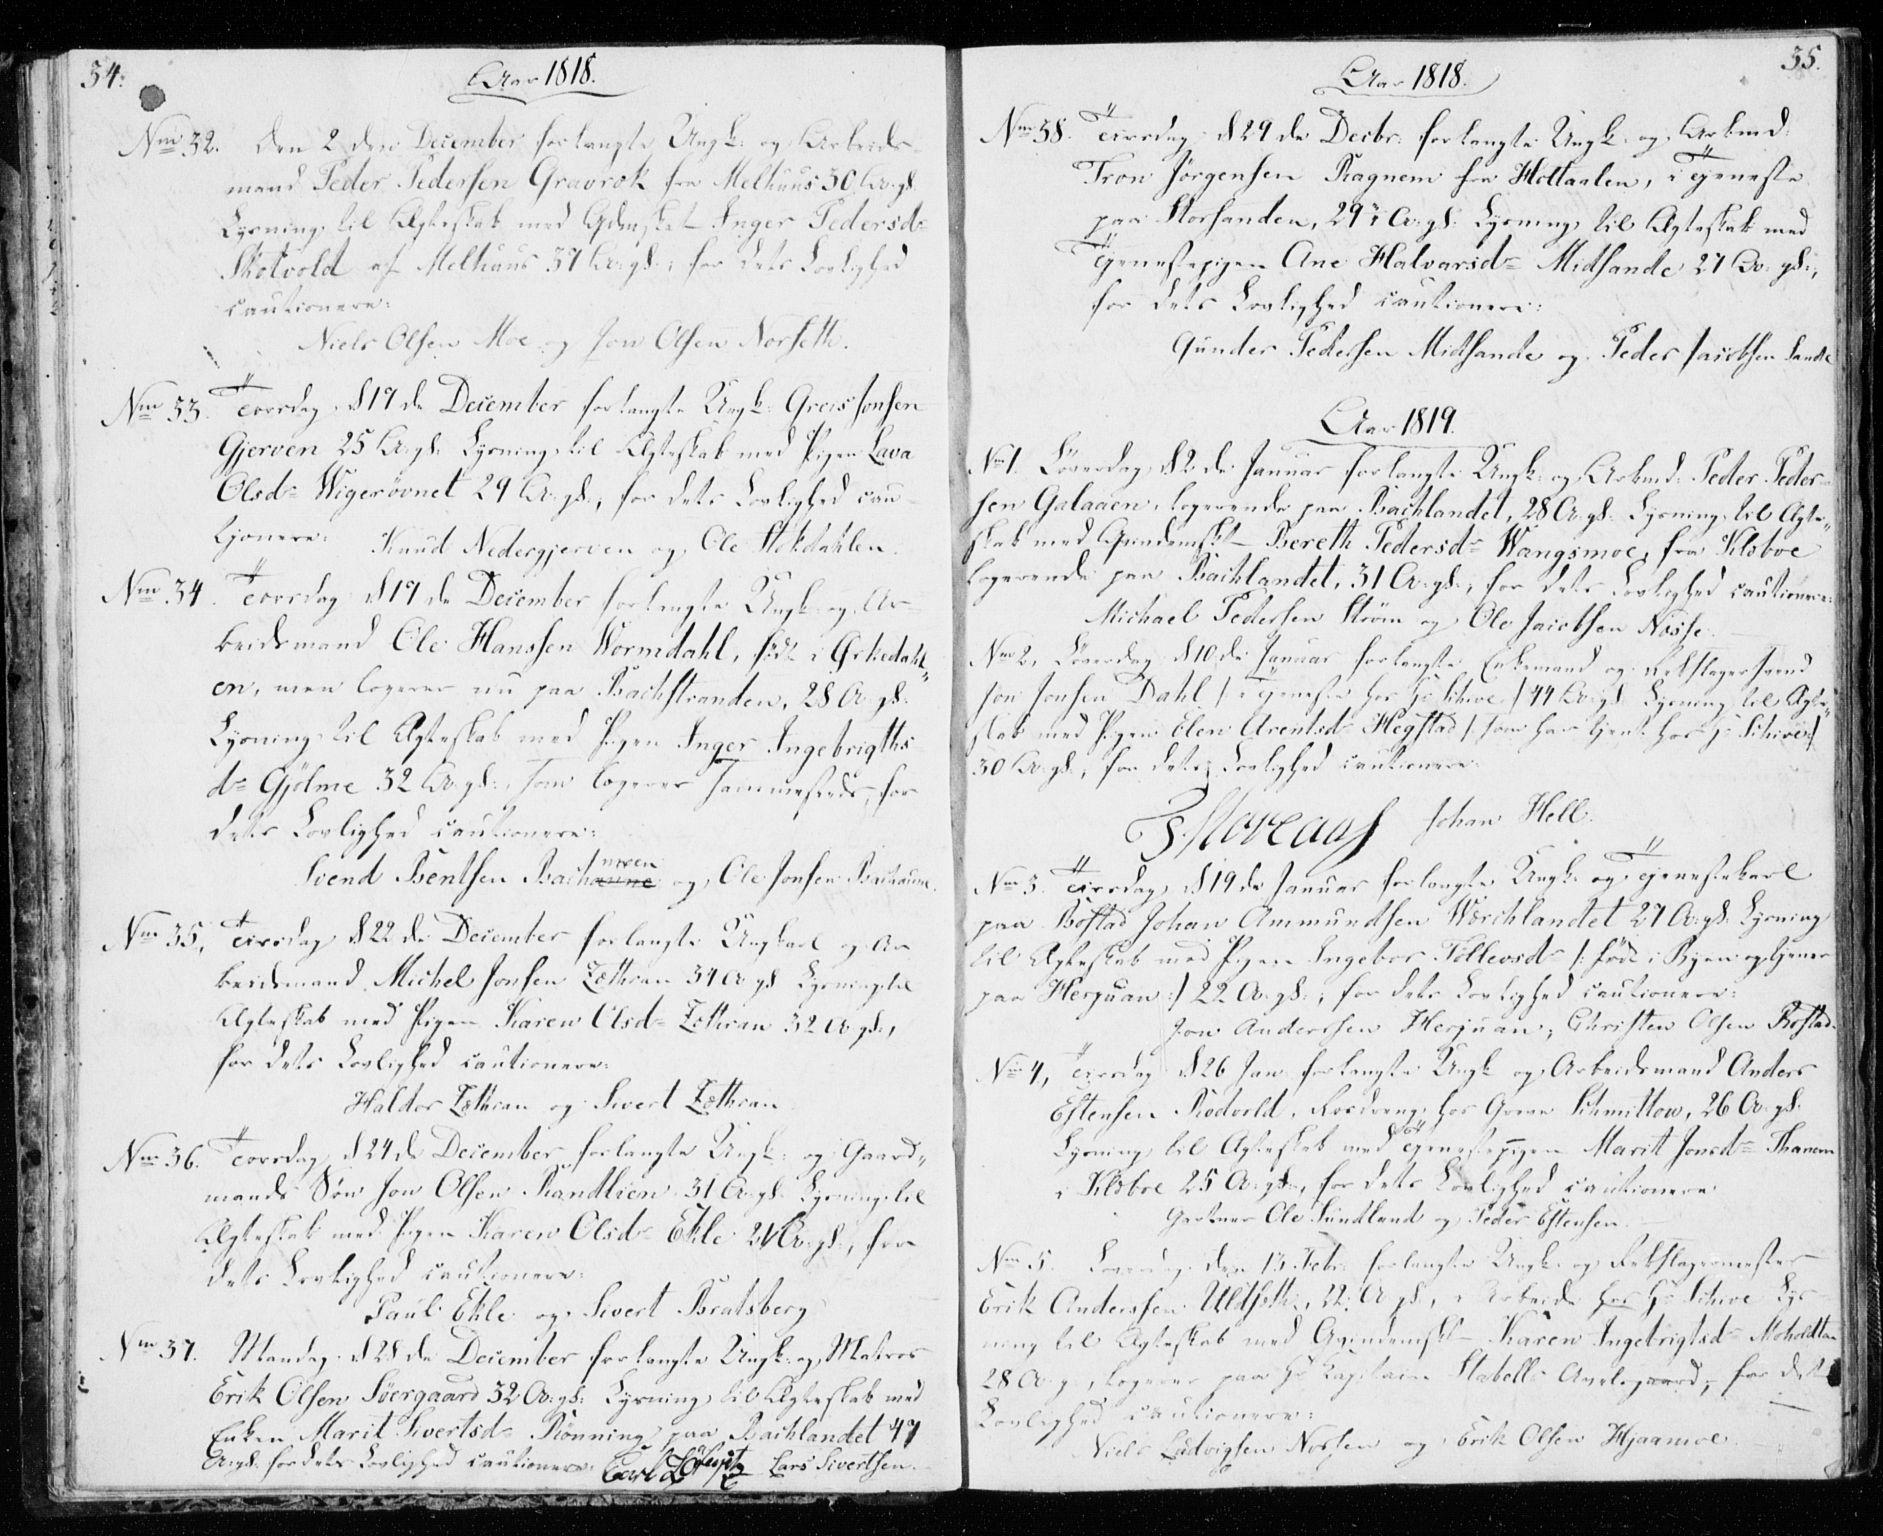 SAT, Ministerialprotokoller, klokkerbøker og fødselsregistre - Sør-Trøndelag, 606/L0295: Lysningsprotokoll nr. 606A10, 1815-1833, s. 34-35